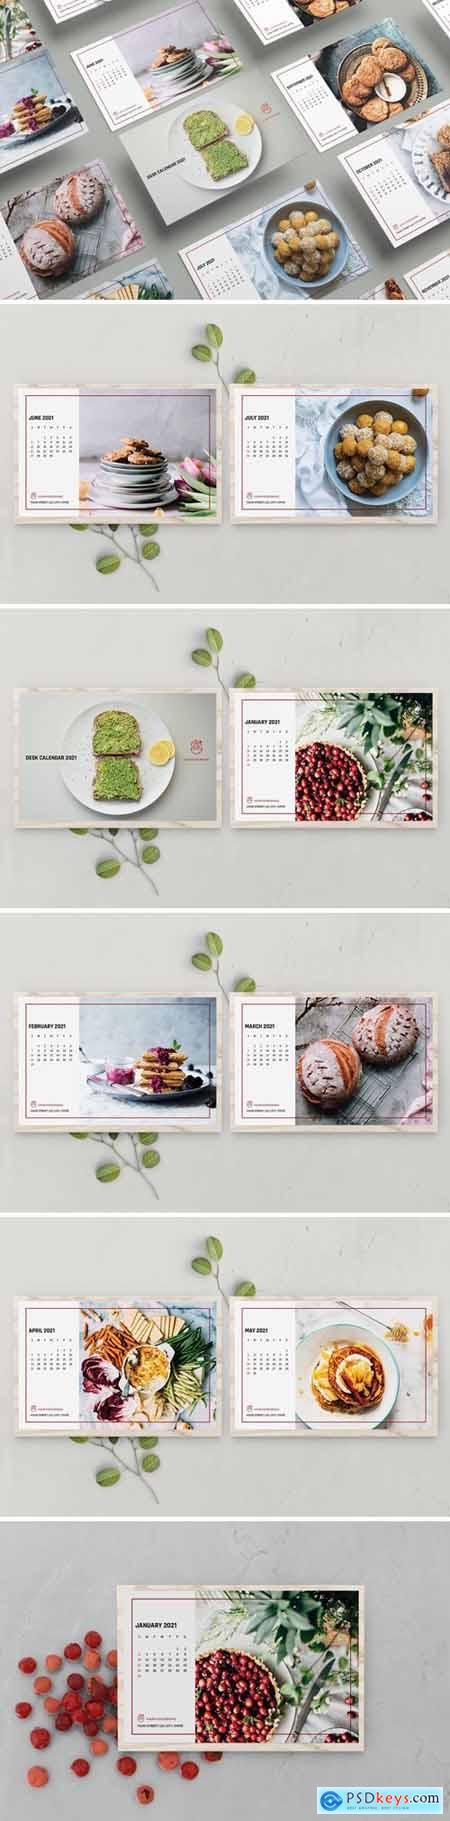 Food Desk Calendar Template 2021